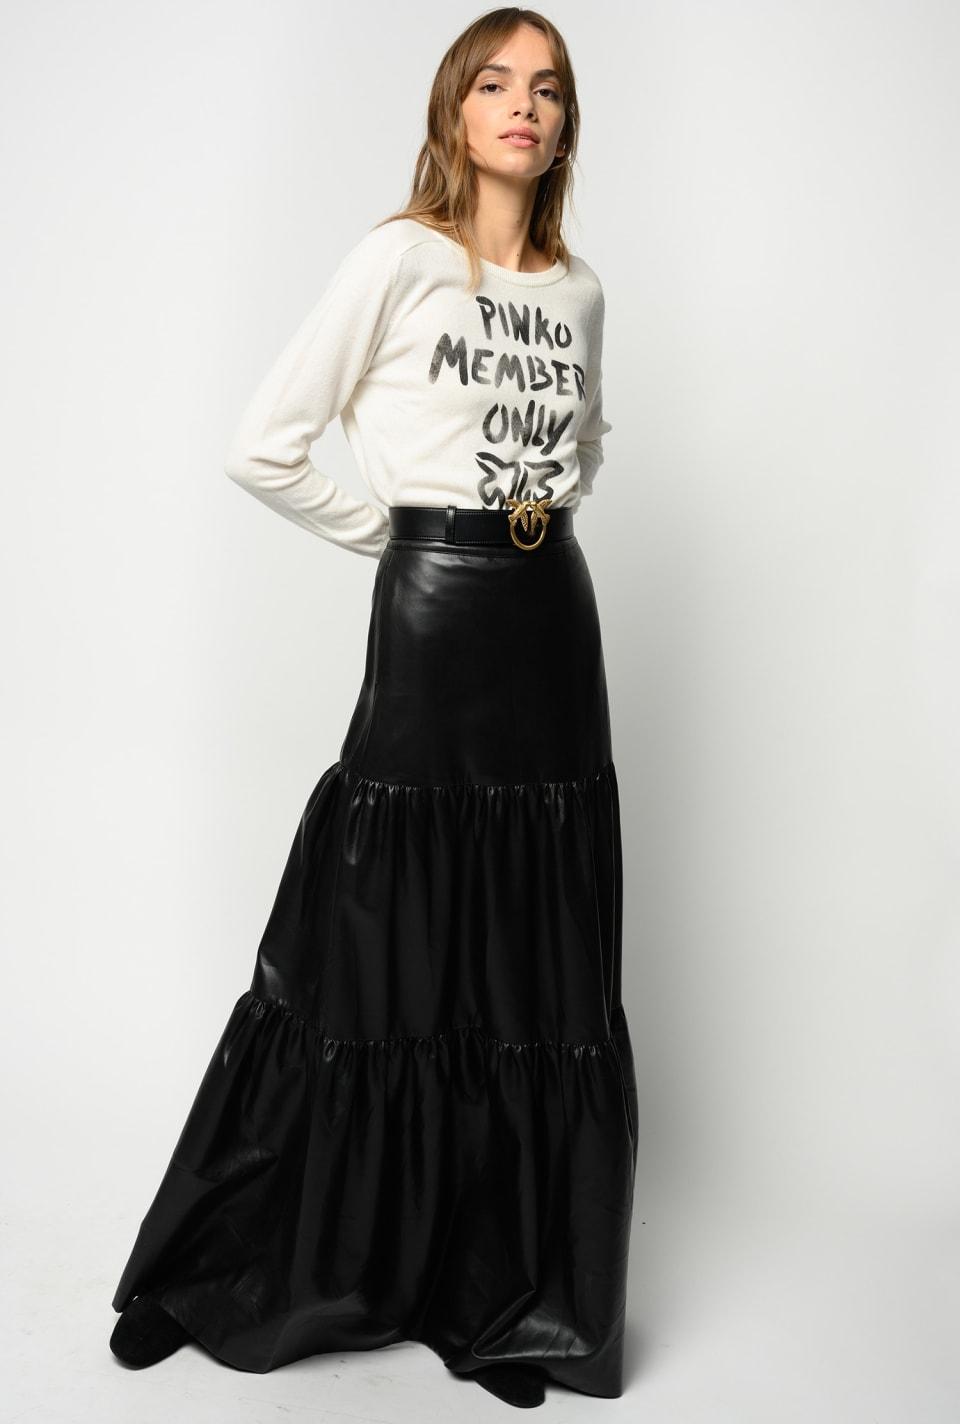 皮革效果长款半身裙 - Pinko